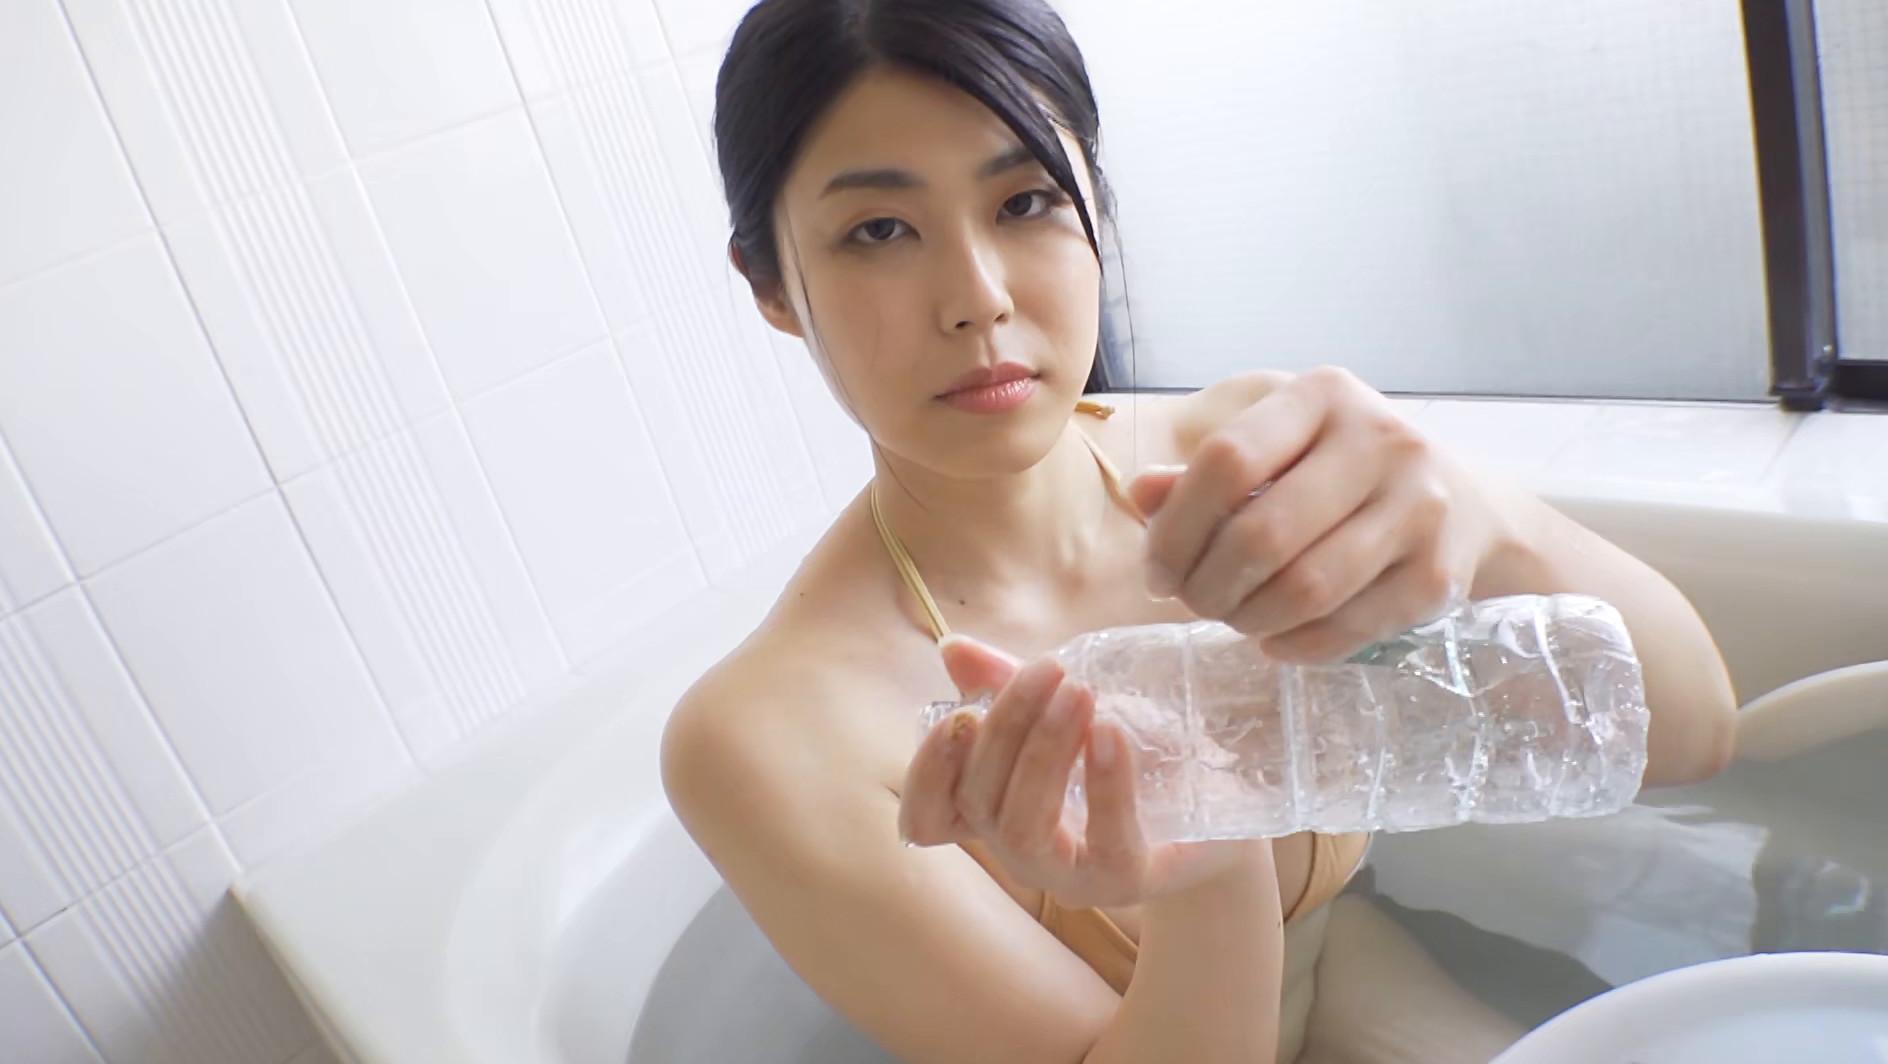 妄想 ゆめじ 画像20